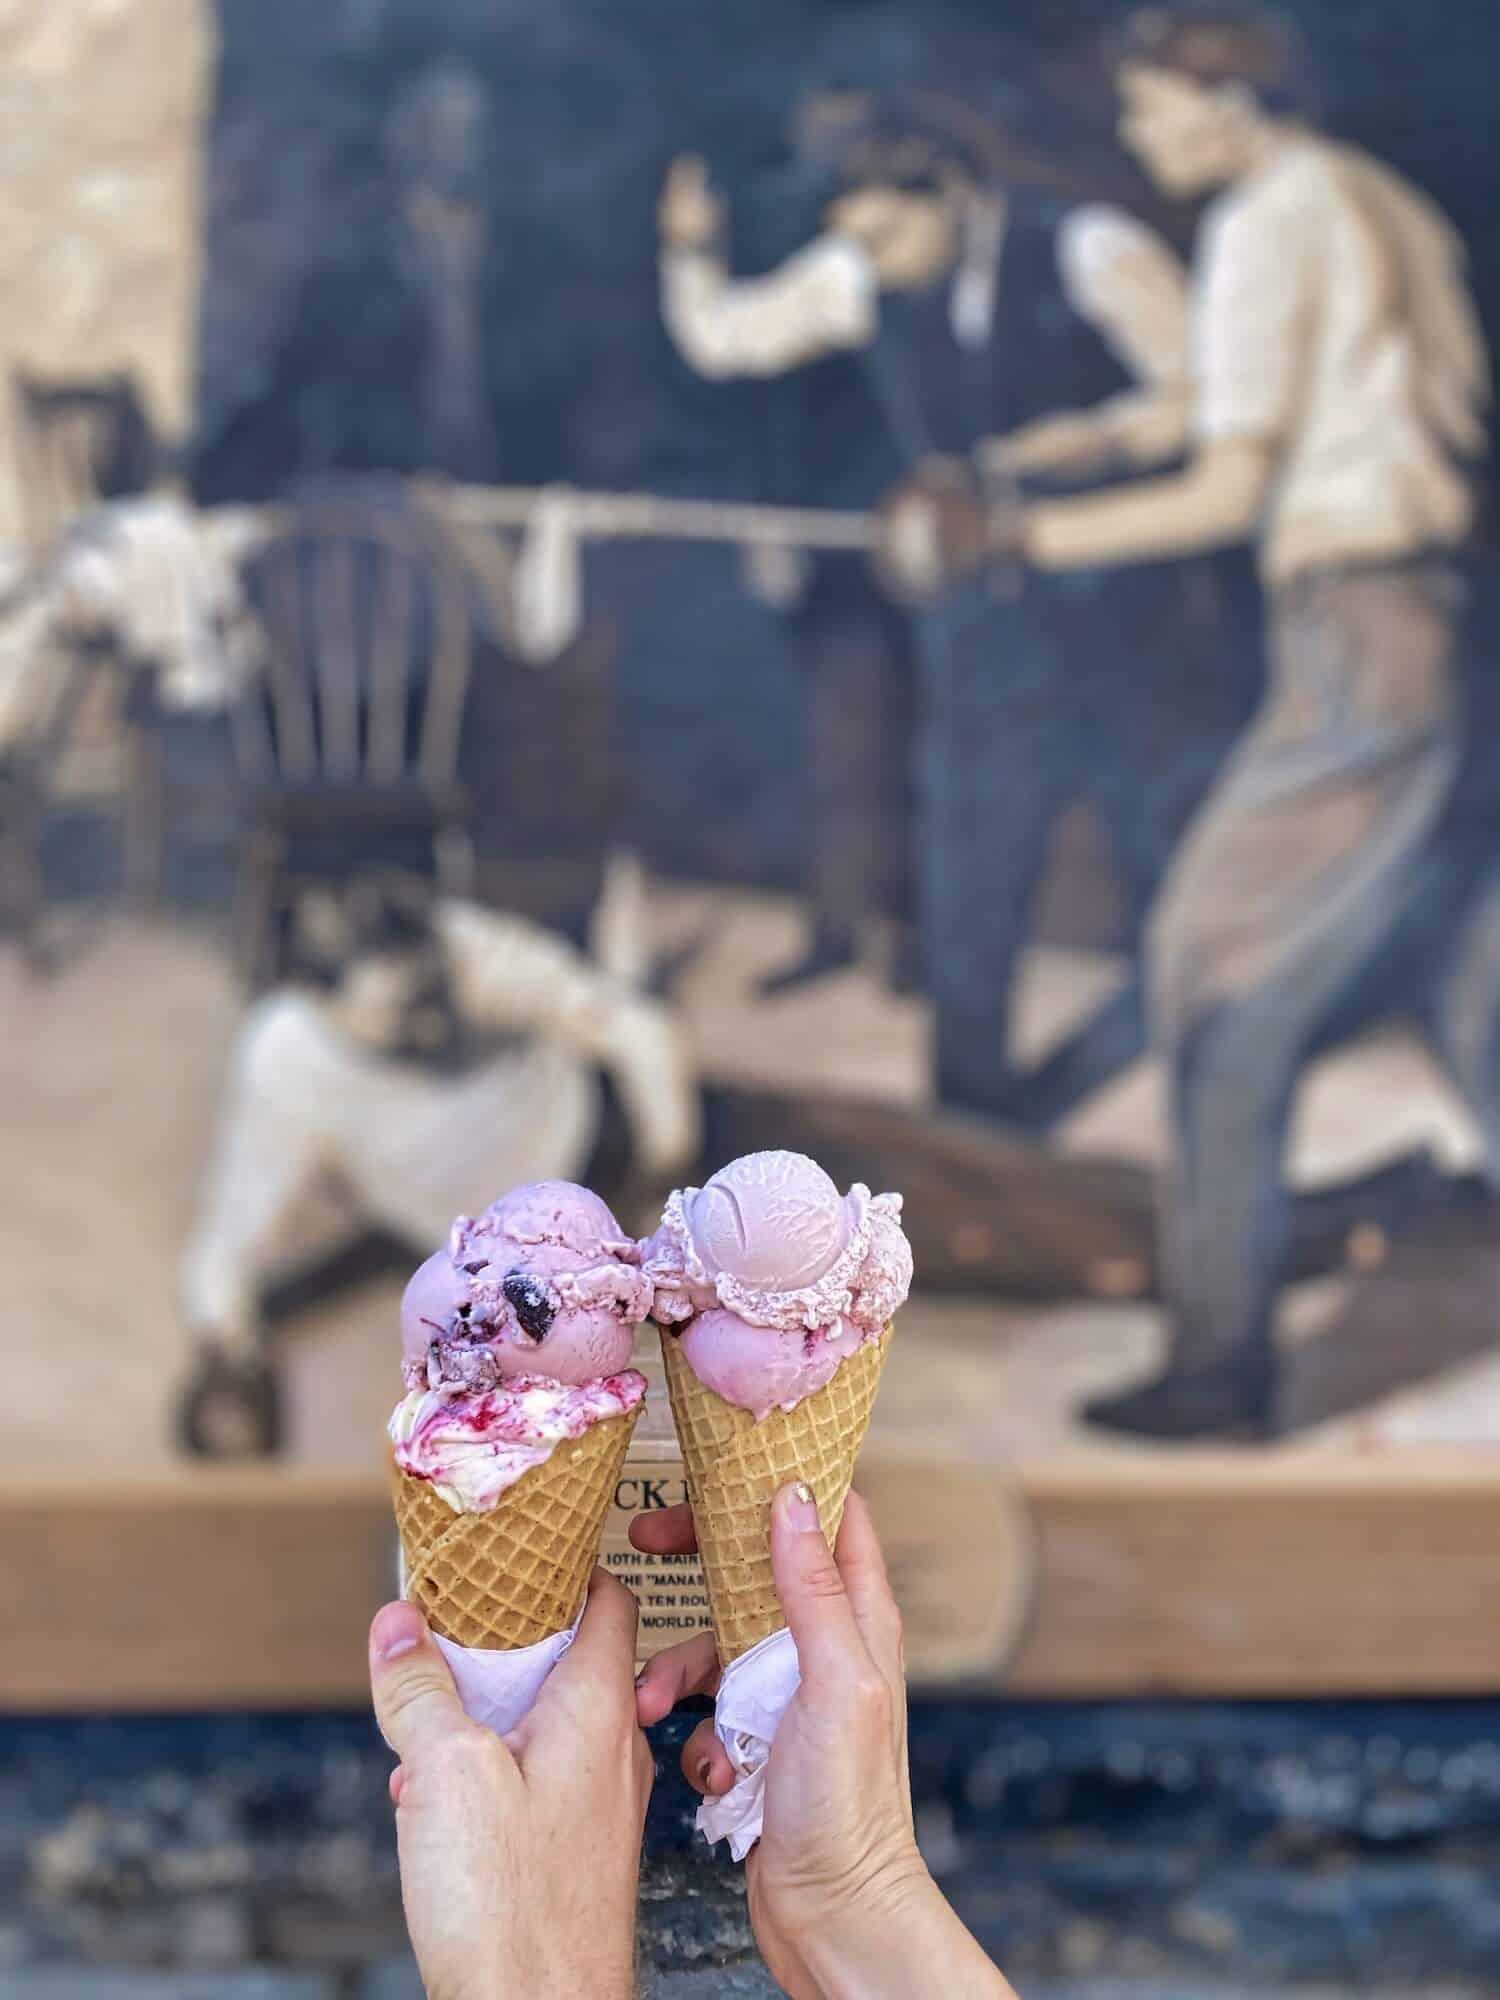 Southwest Road Trip - Durango Ice Cream